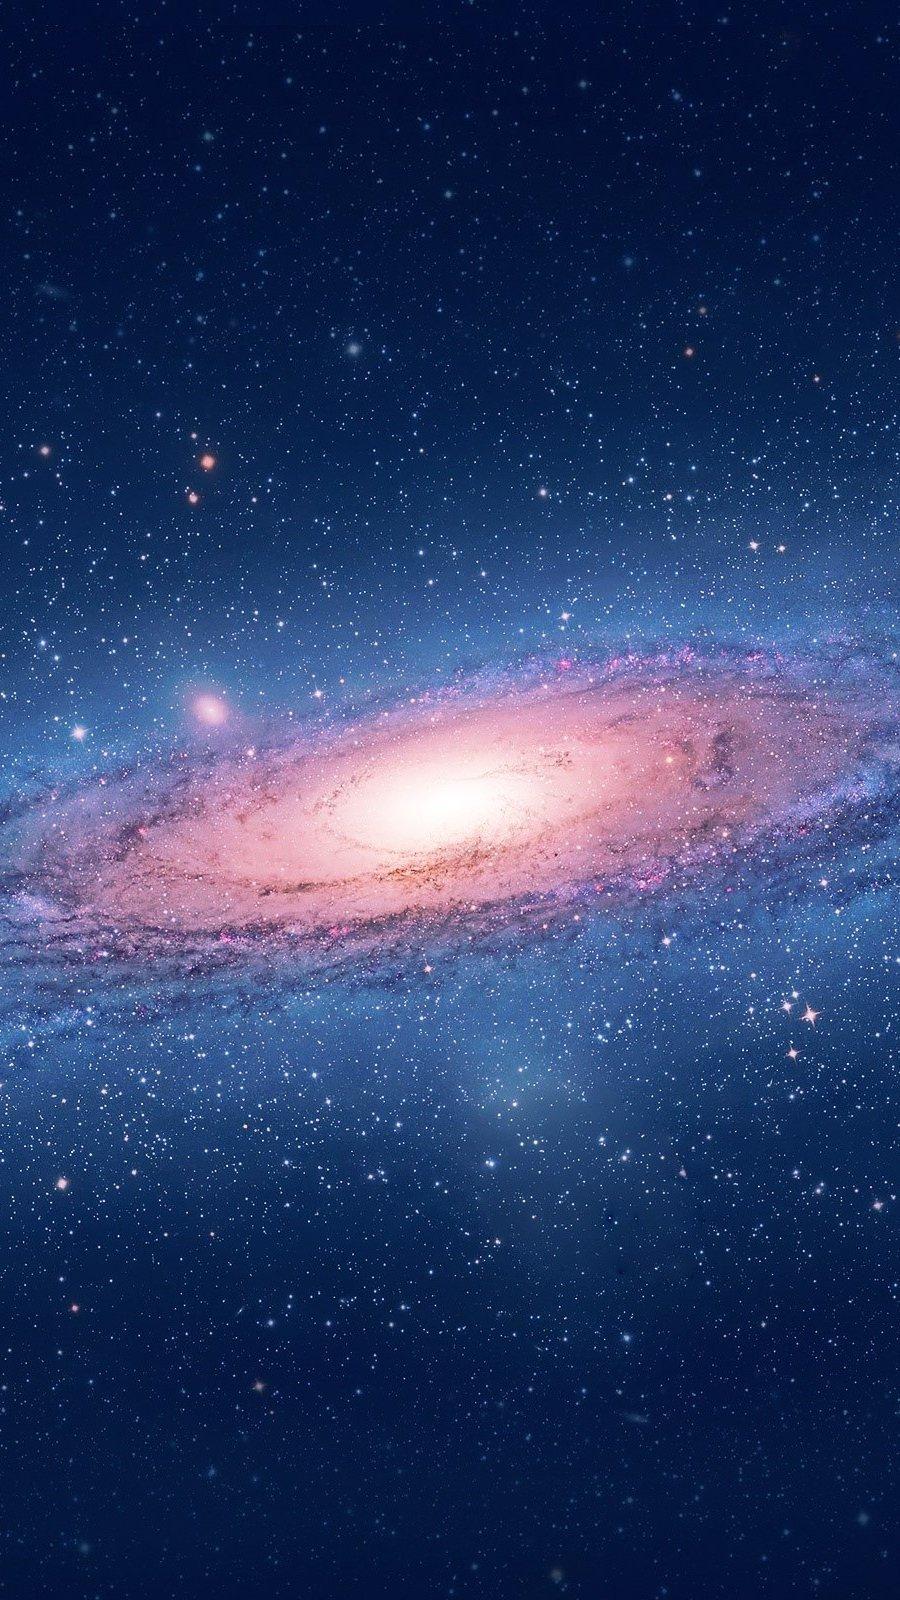 Wallpaper Galaxy Vertical